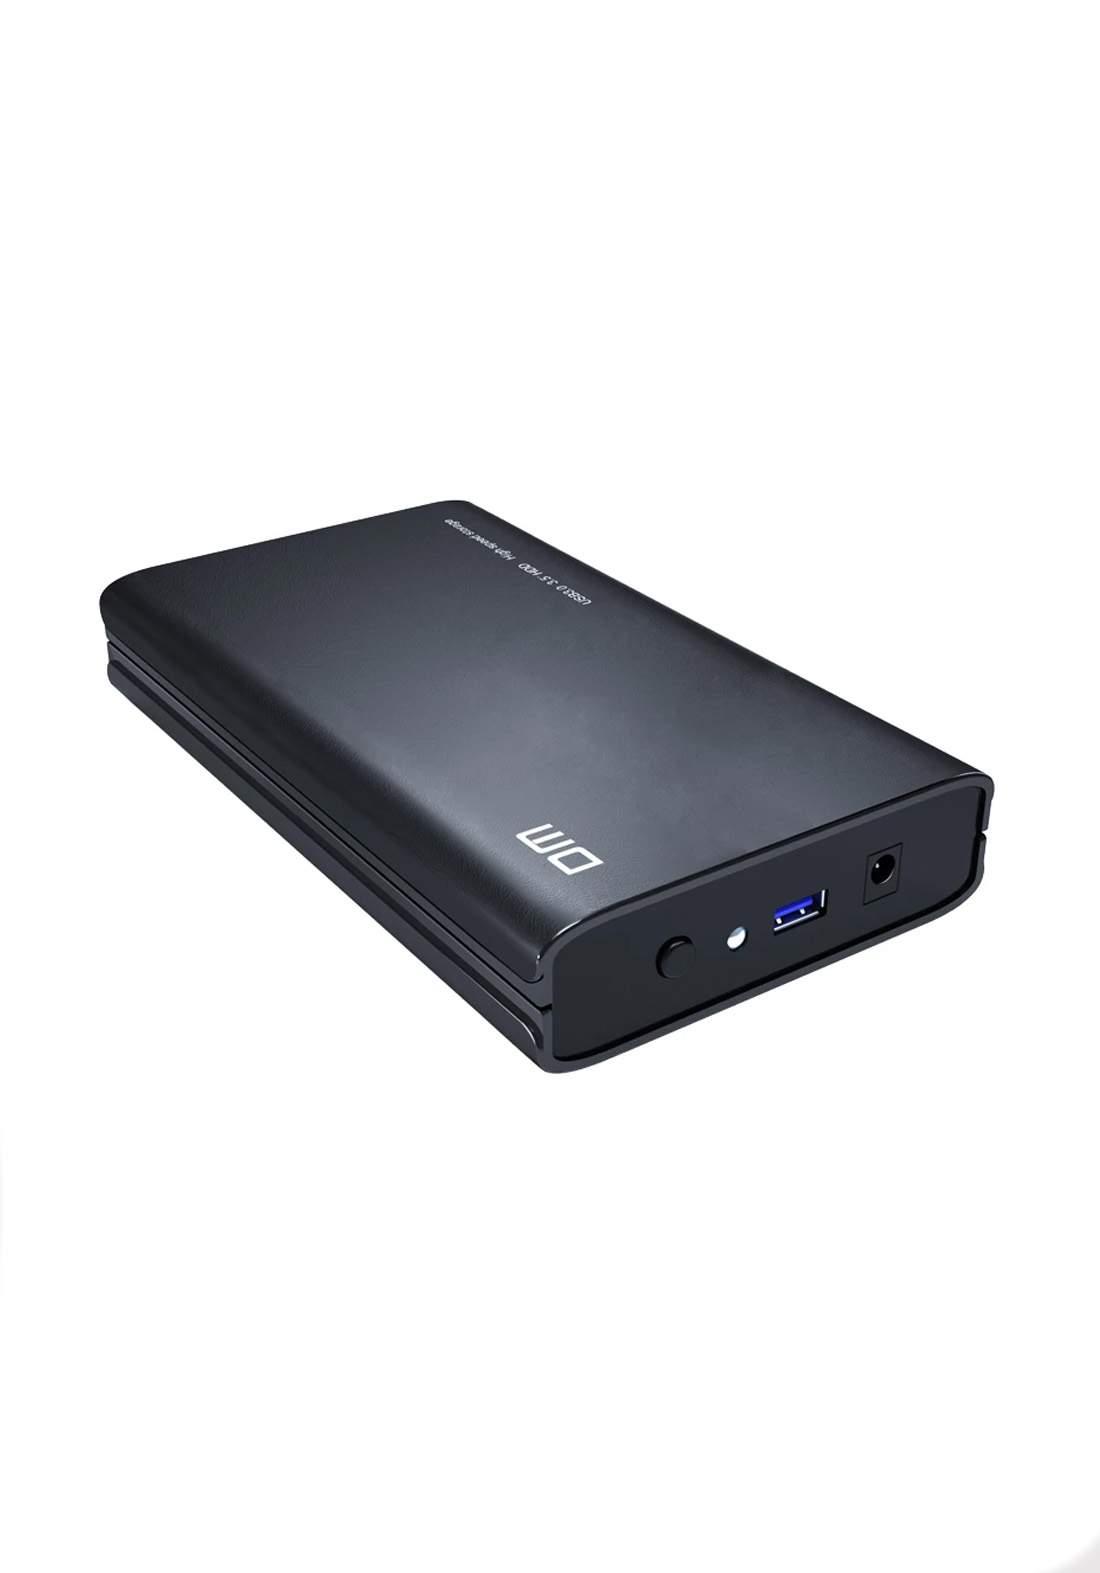 DM HD035 SATA 3 to USB 3.0 HDD External Hard Drive - Black هارد خارجي